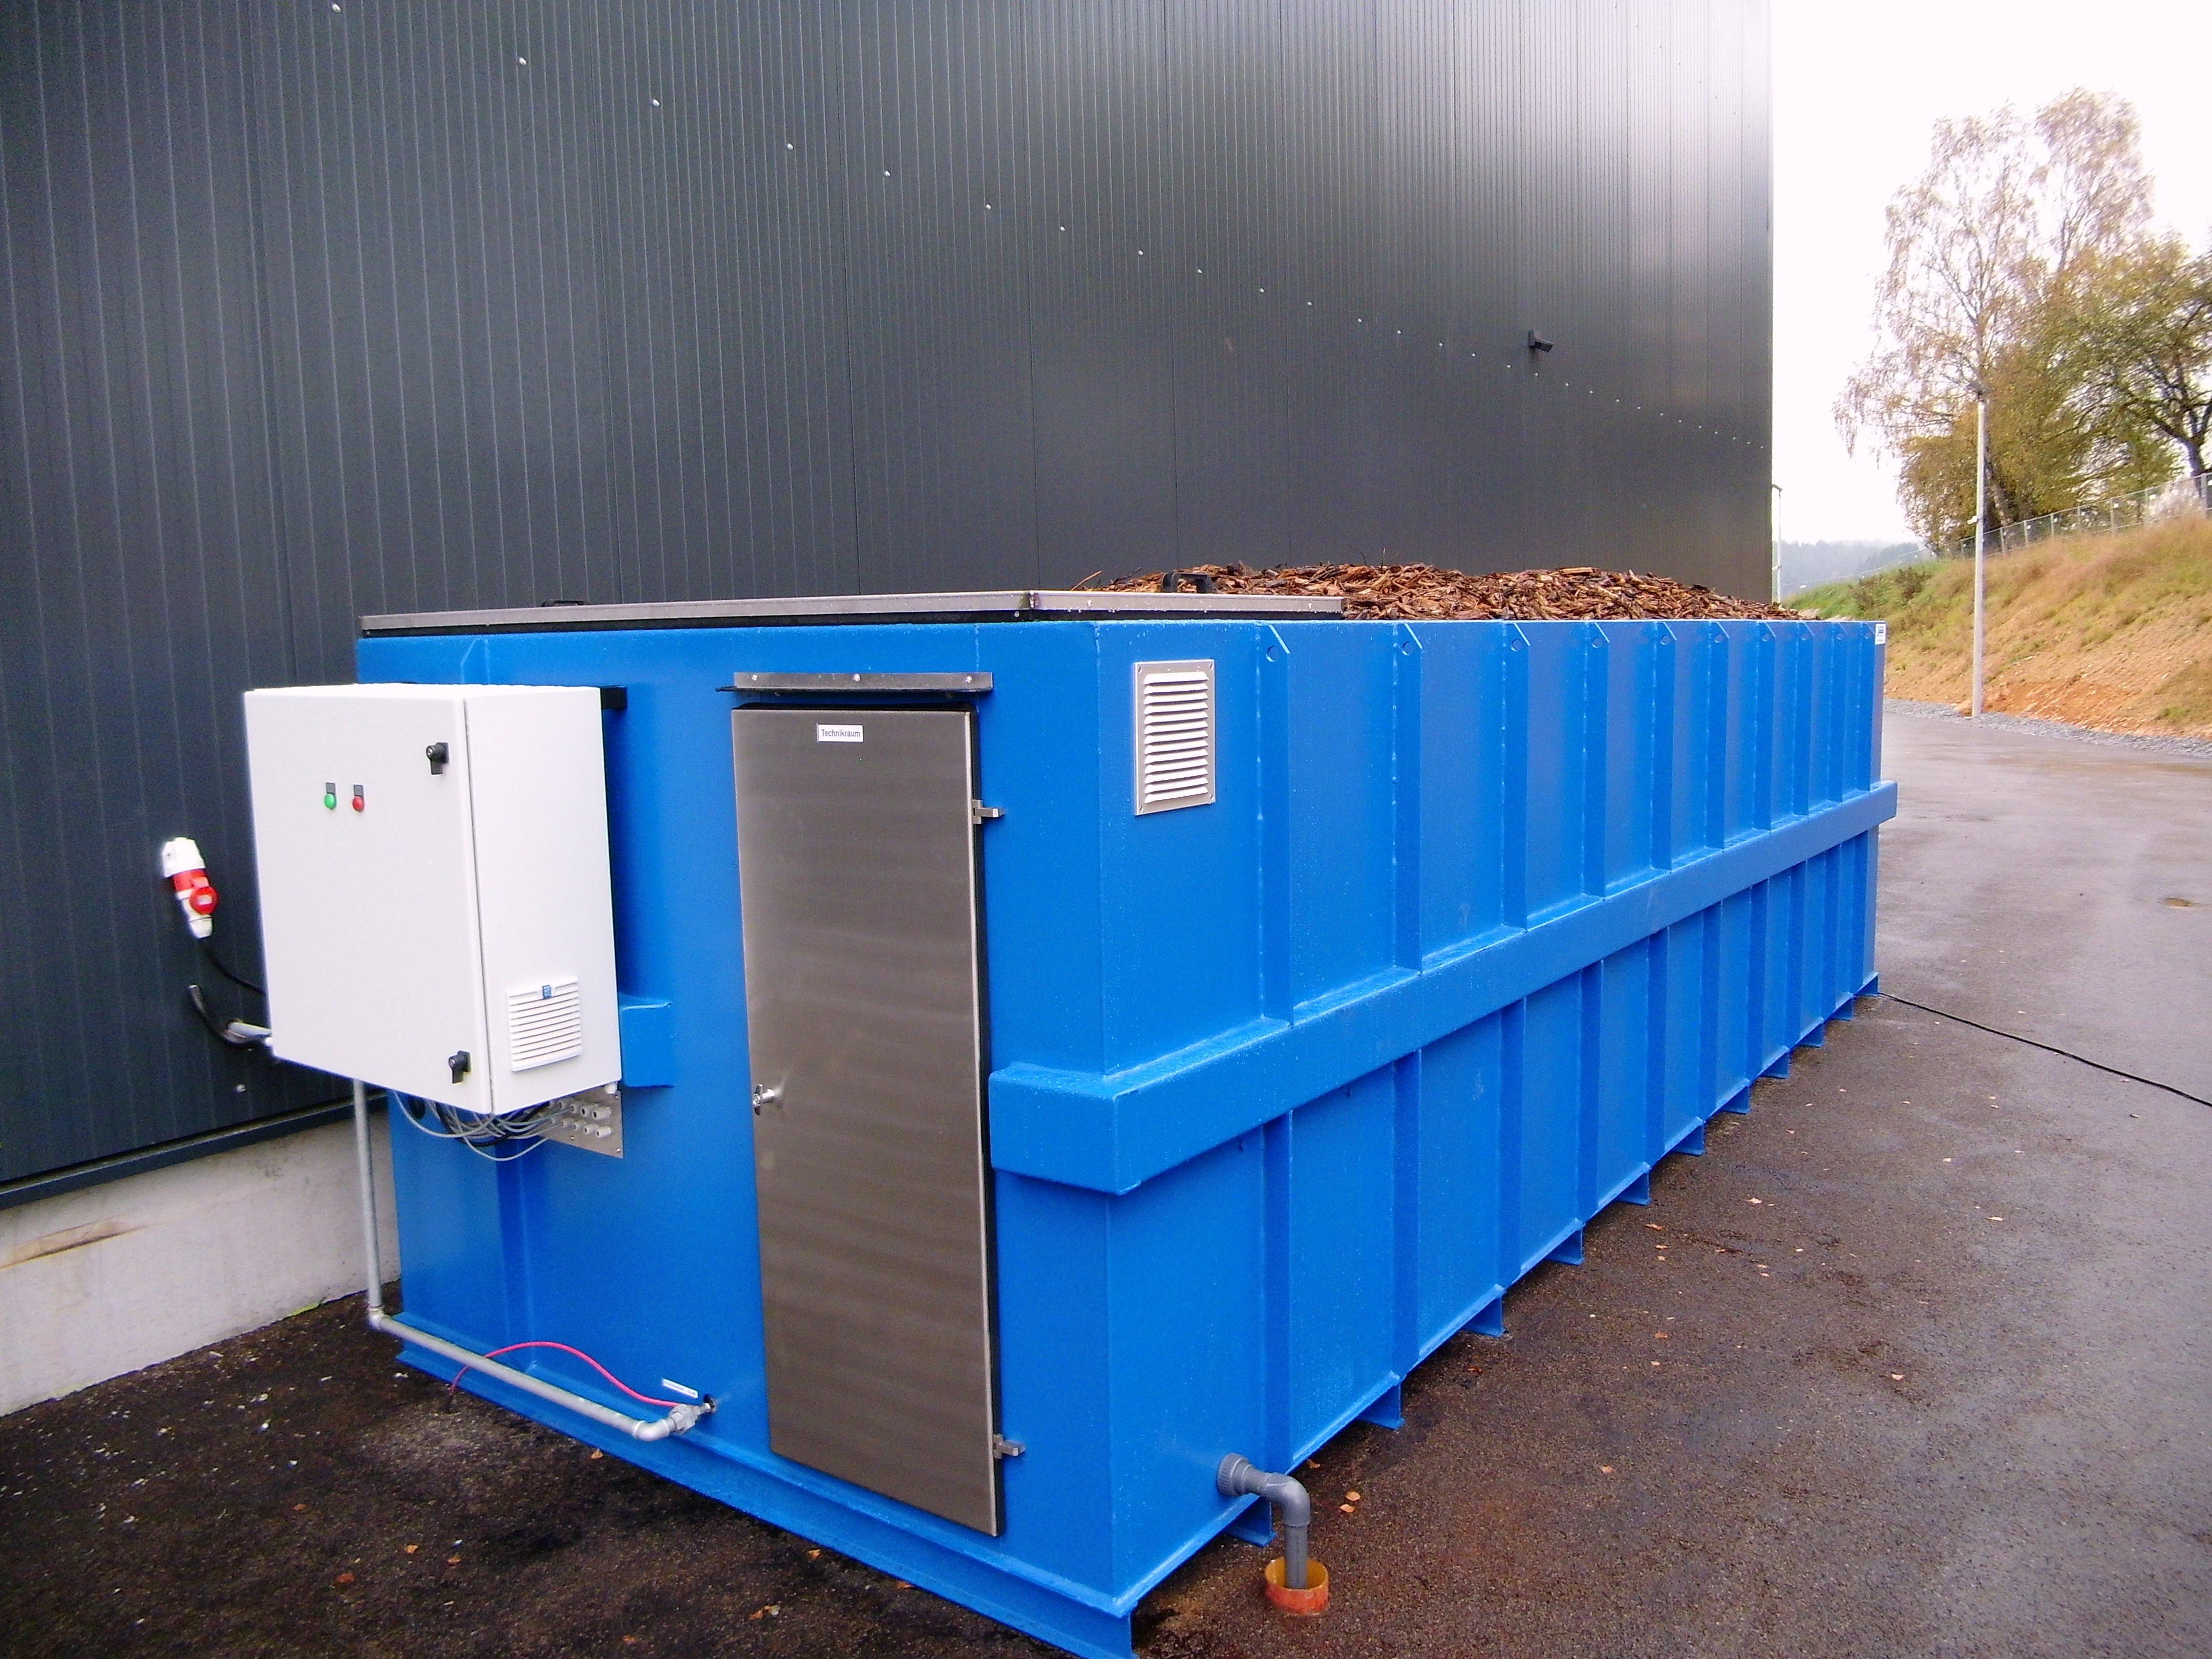 Biofiltro Modulare su Container - Biowood